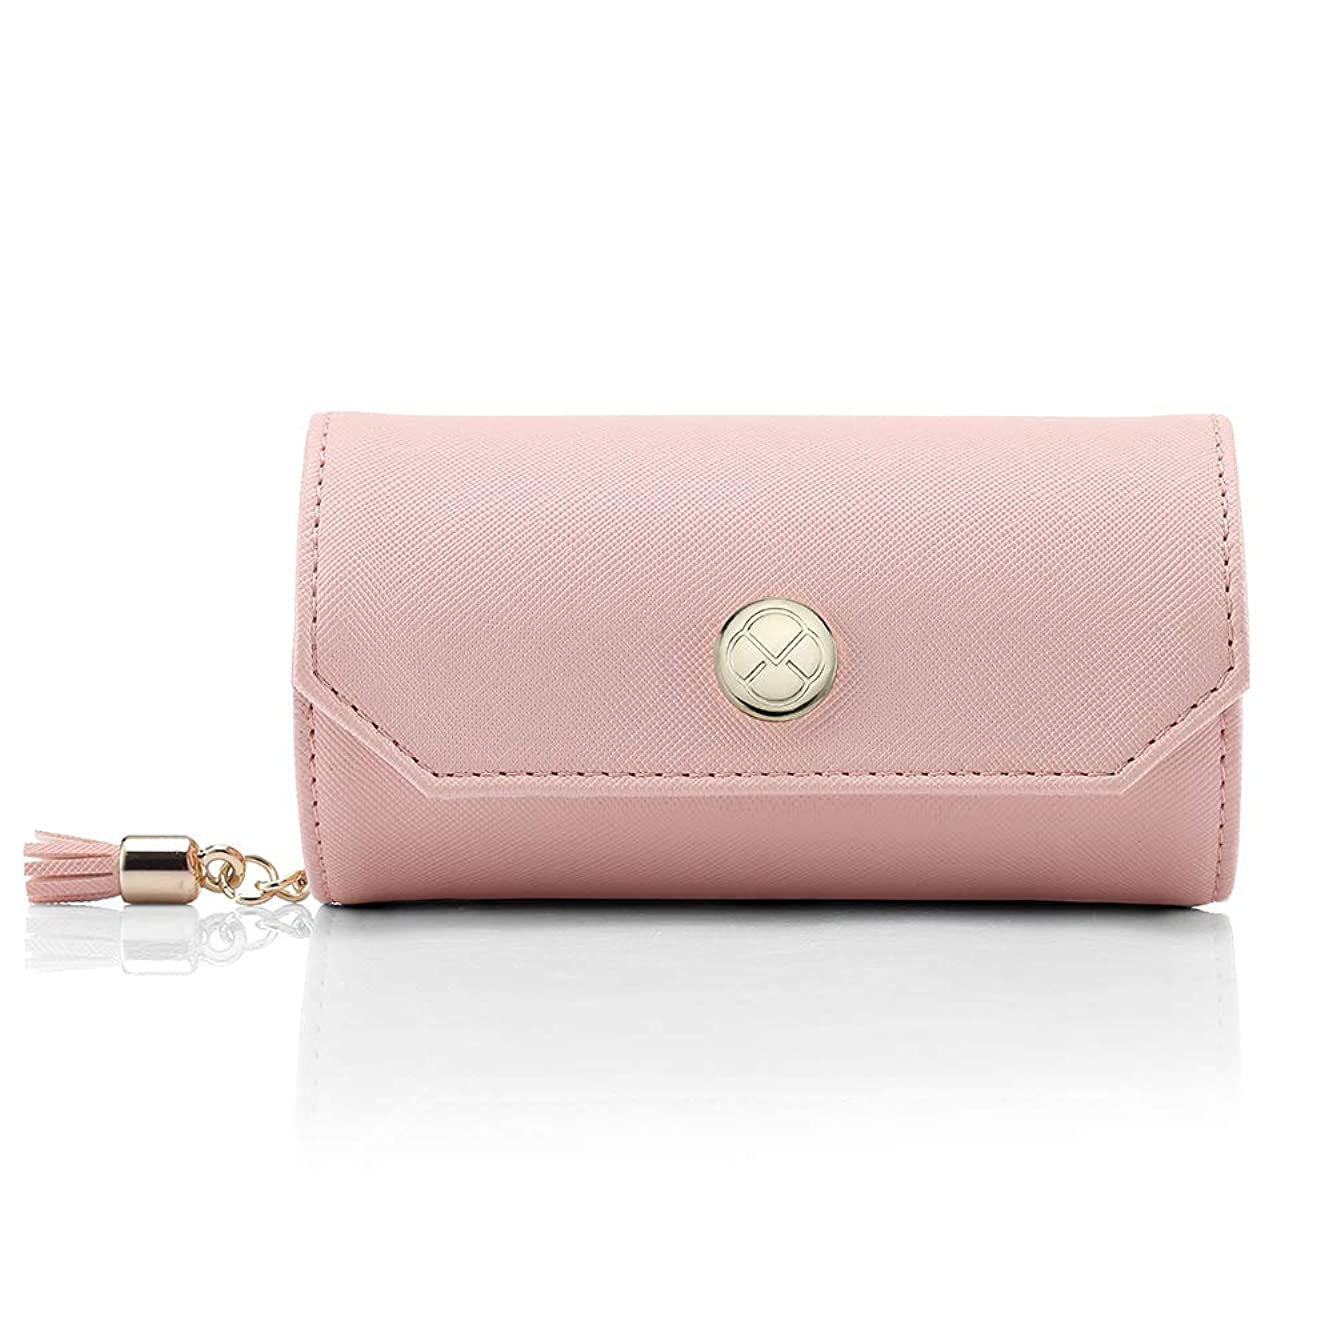 ブラウズ粘液毎月Vlando アクセサリーバッグ小柄携帯旅行外出のイヤリング ネックレス 腕時計 化粧品 お釣り収納バッグ-新ピンク